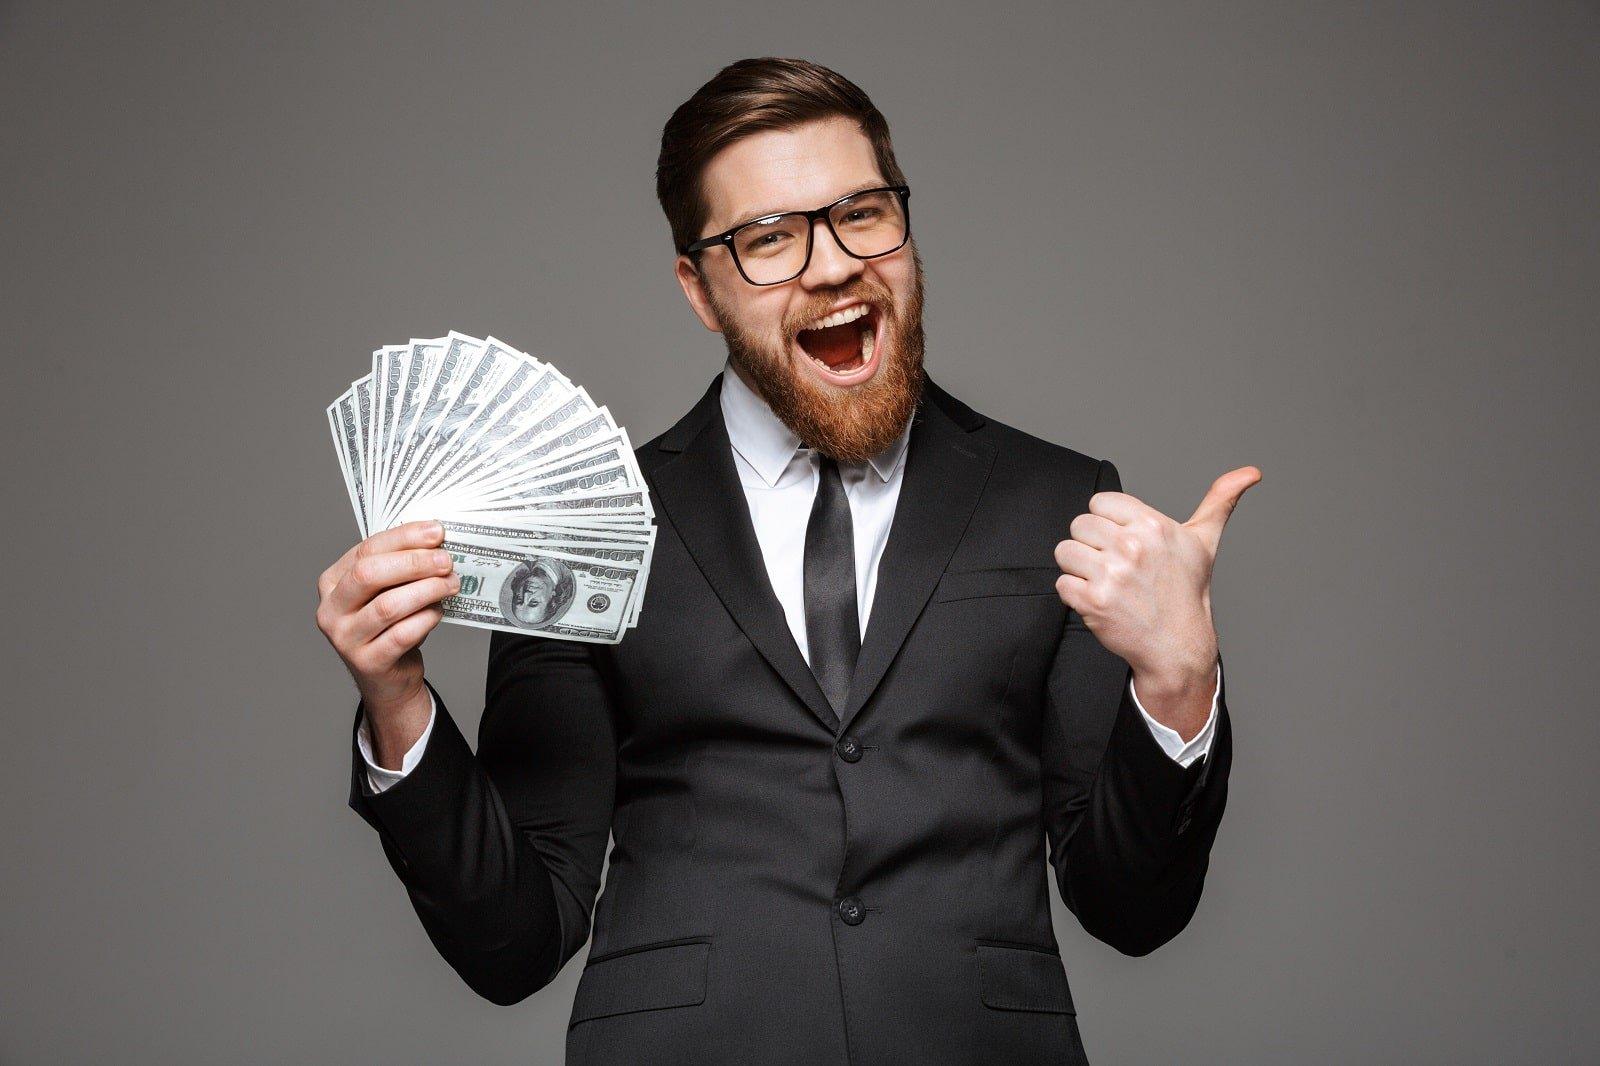 Mann mit Geldfächer in der Hand